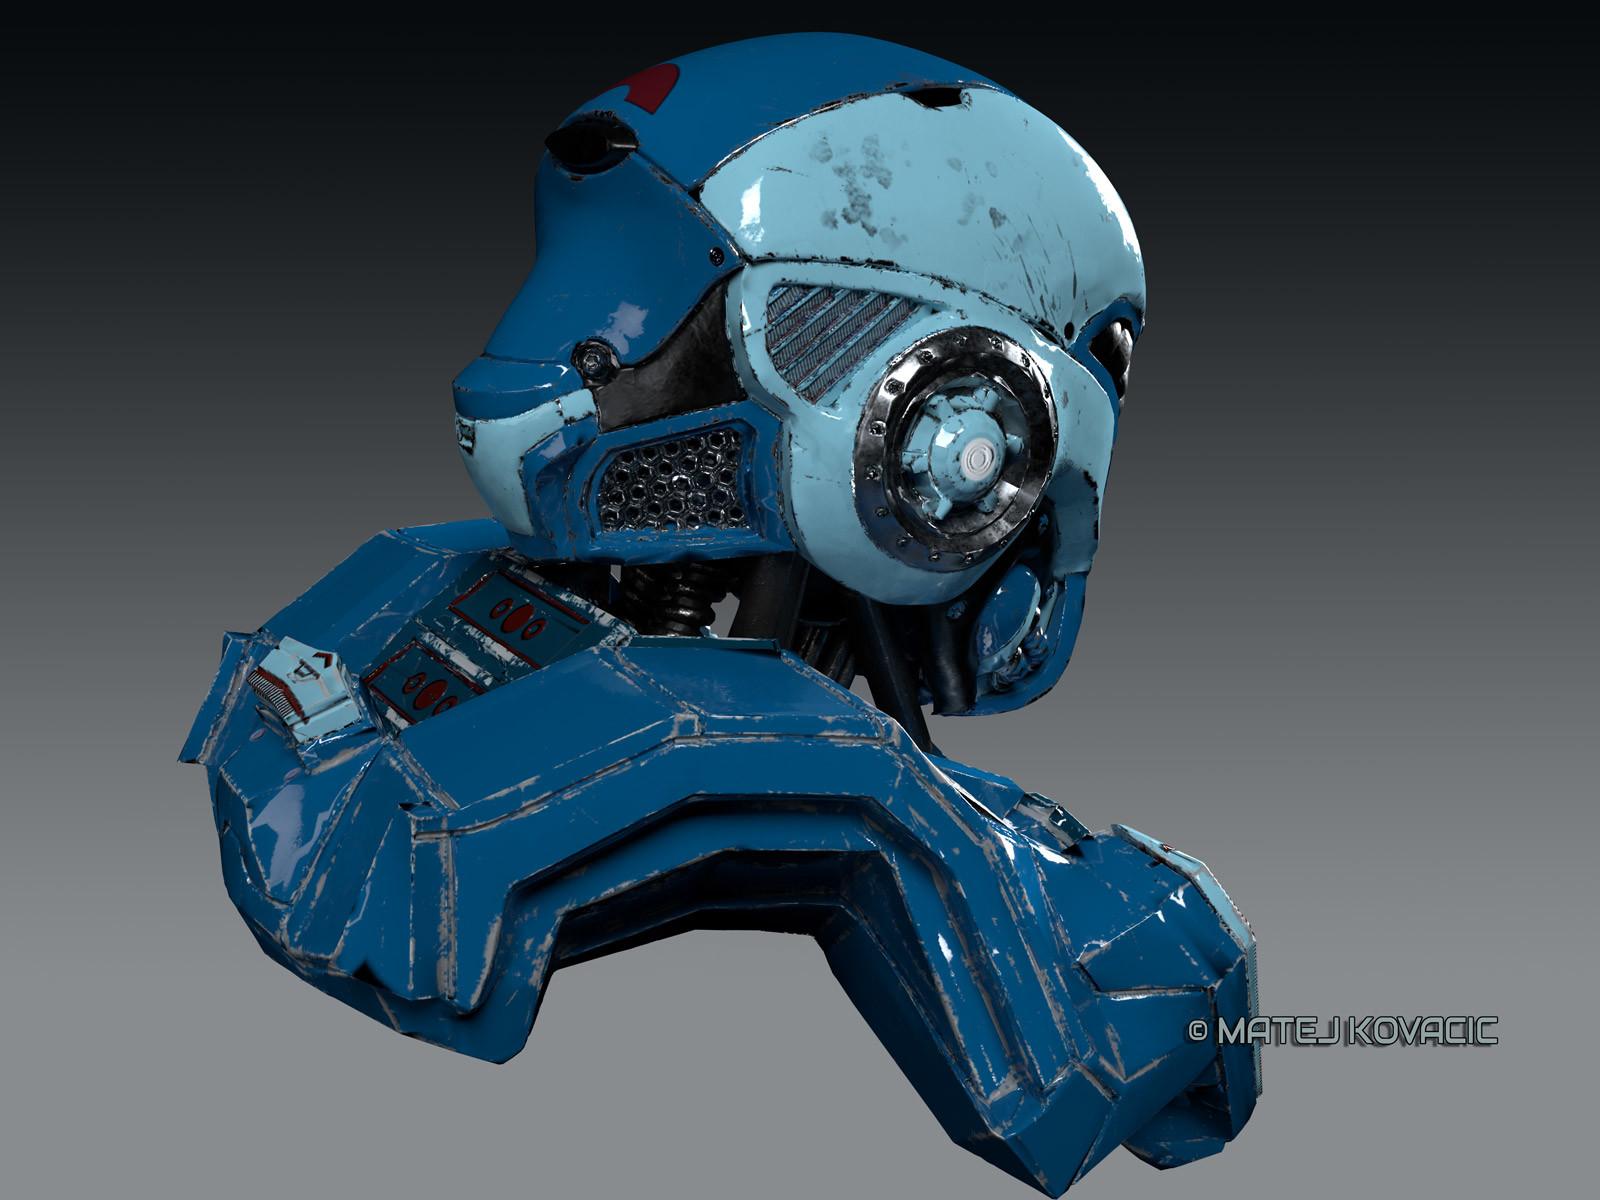 Sci-Fi Helmet RX 51 Cycles Render